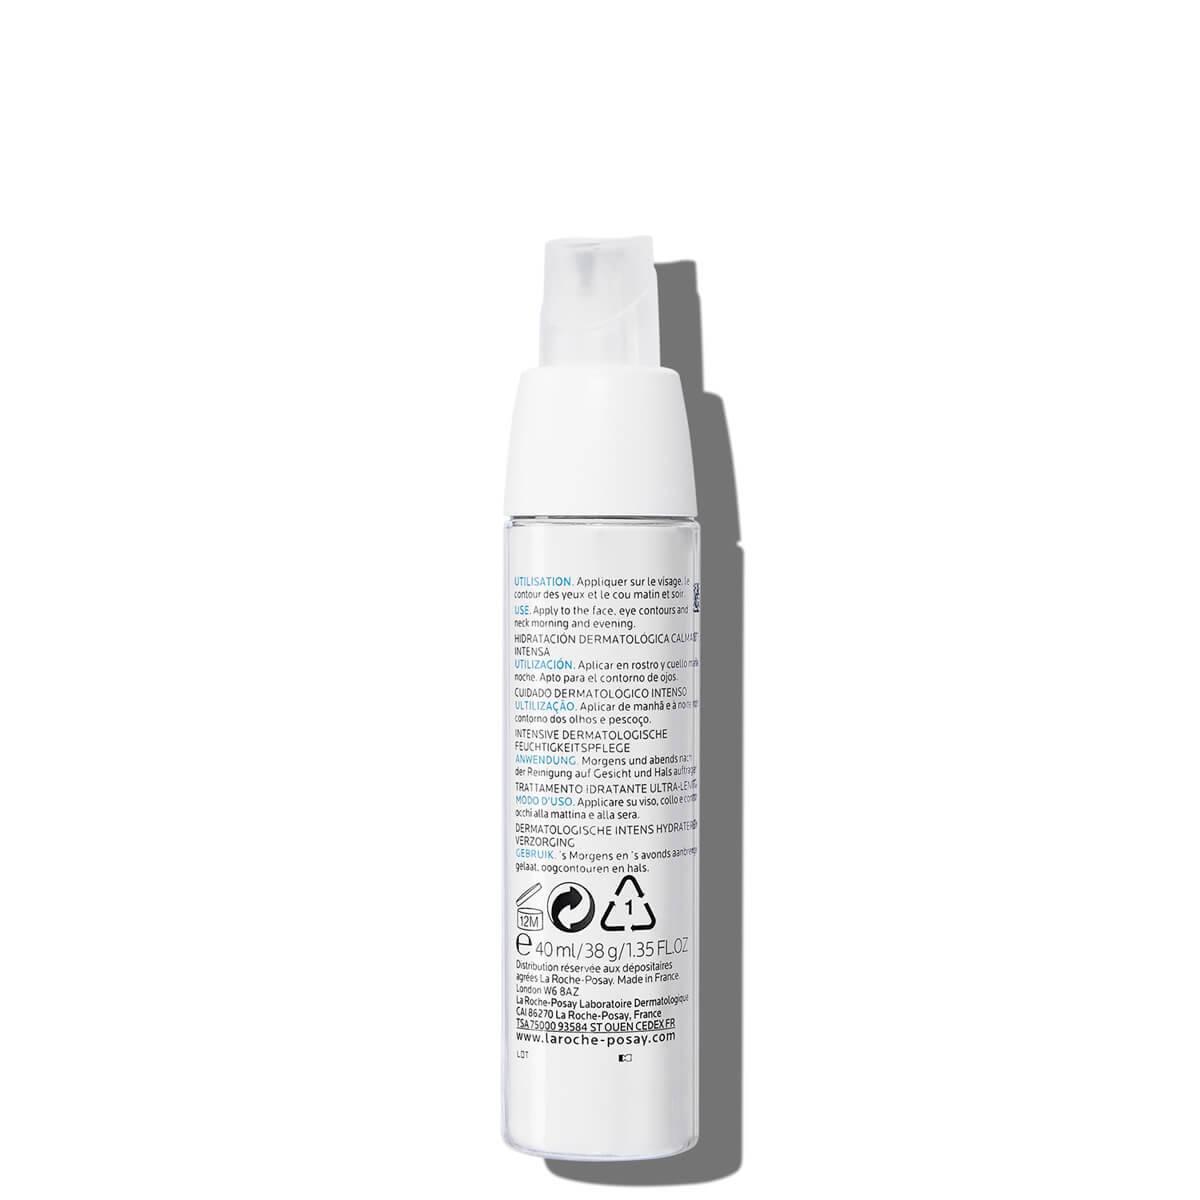 La Roche Posay StránkaProduktu Citlivá Alergická Toleriane Ultra 40ml 333